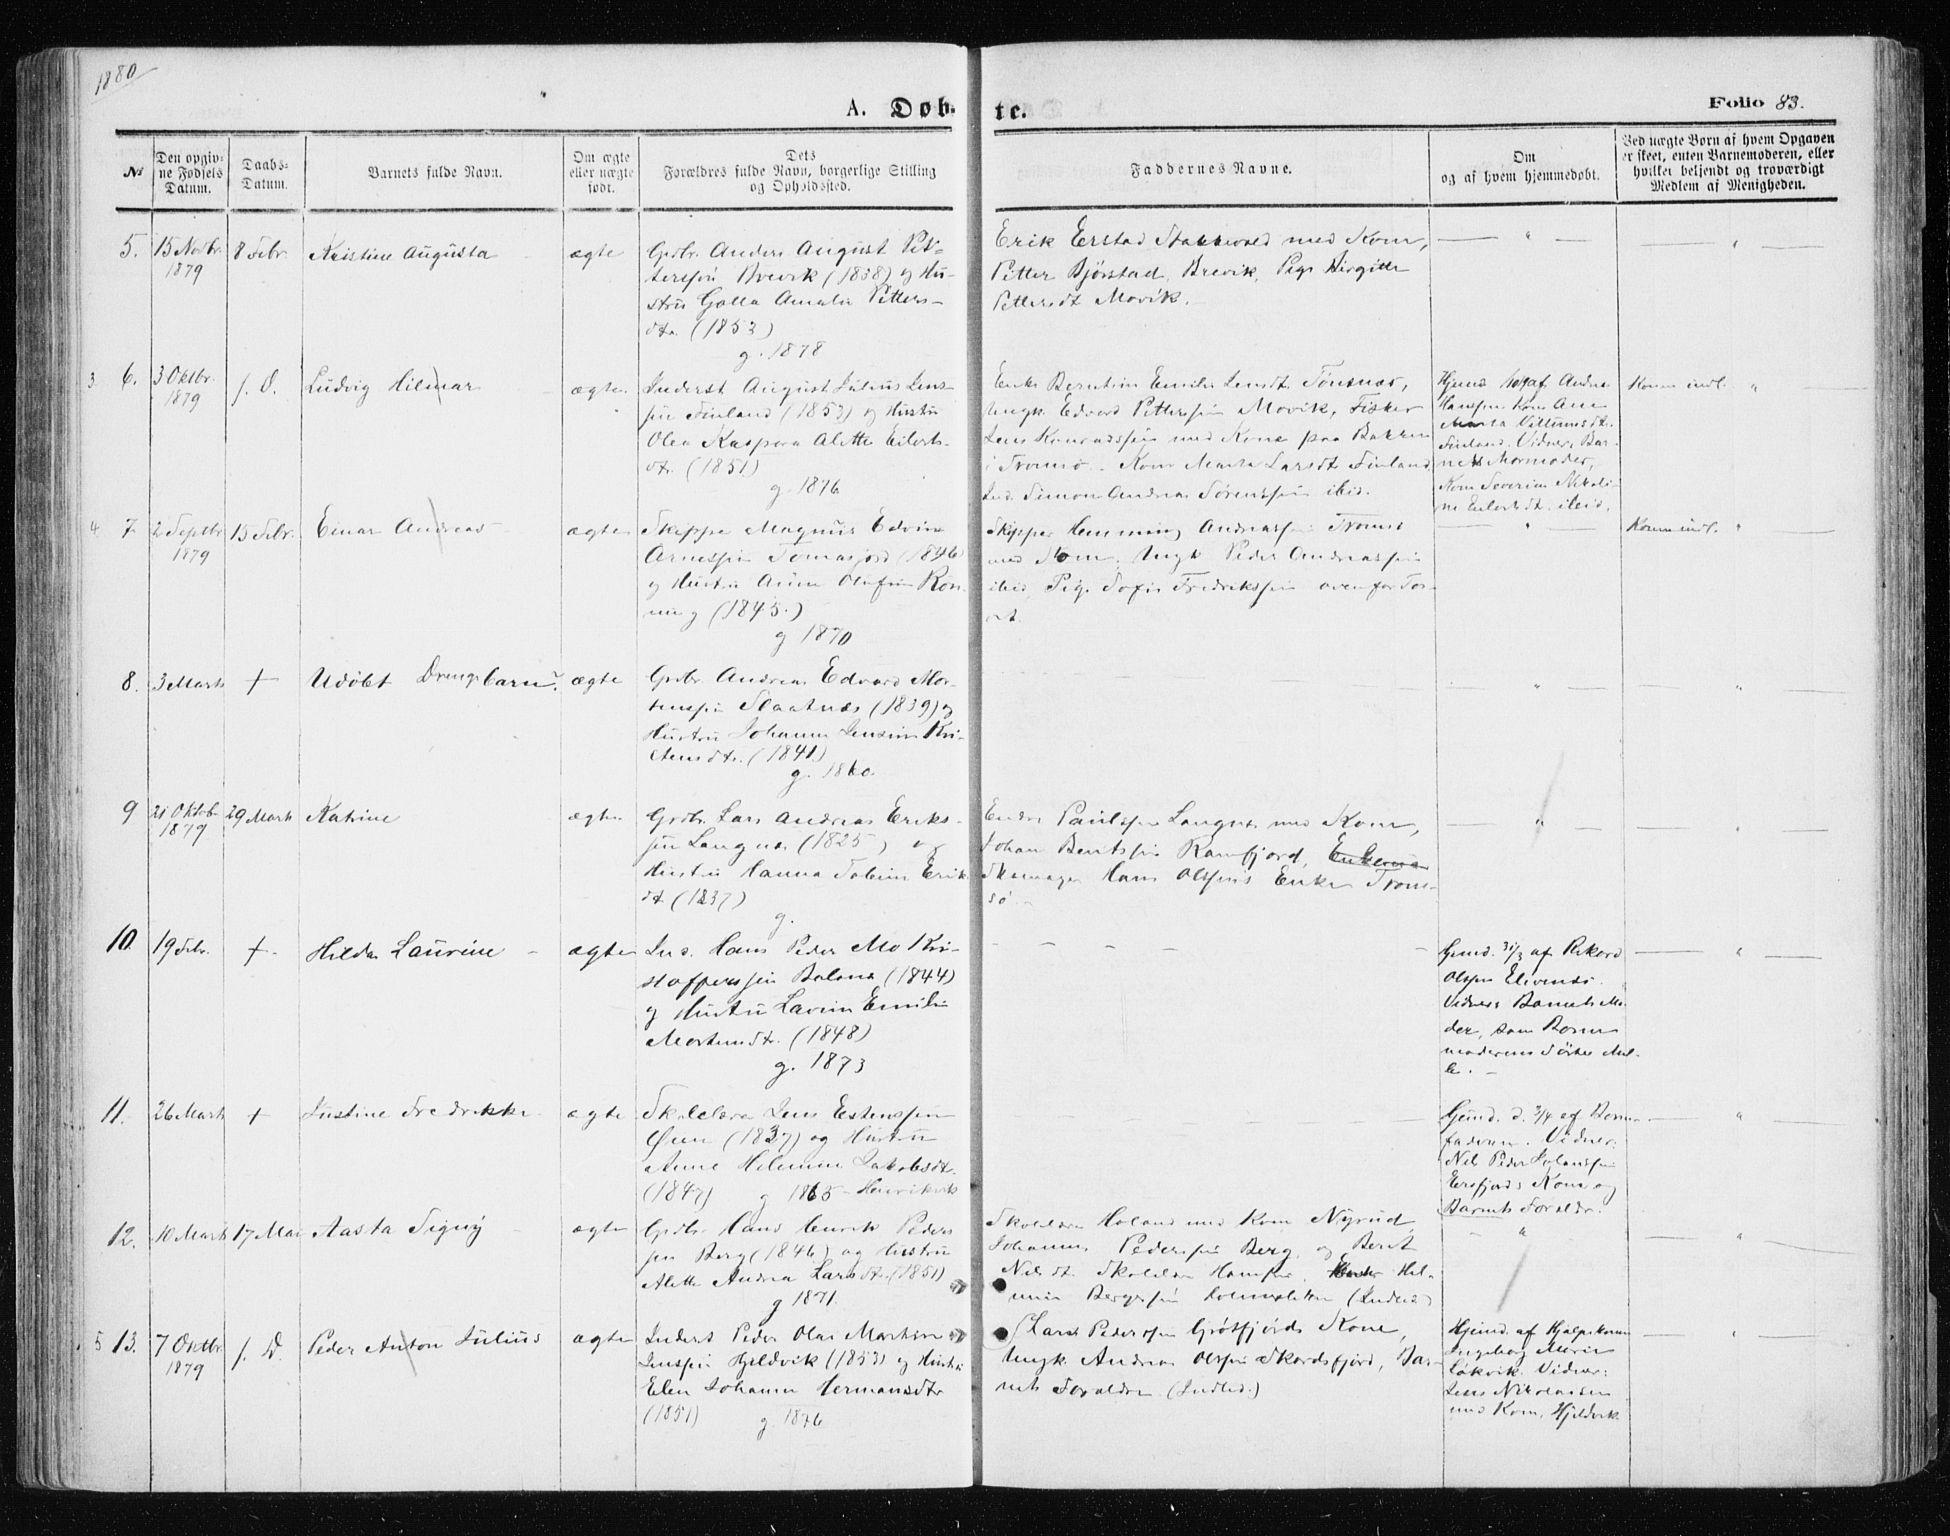 SATØ, Tromsøysund sokneprestkontor, G/Ga/L0003kirke: Ministerialbok nr. 3, 1875-1880, s. 83